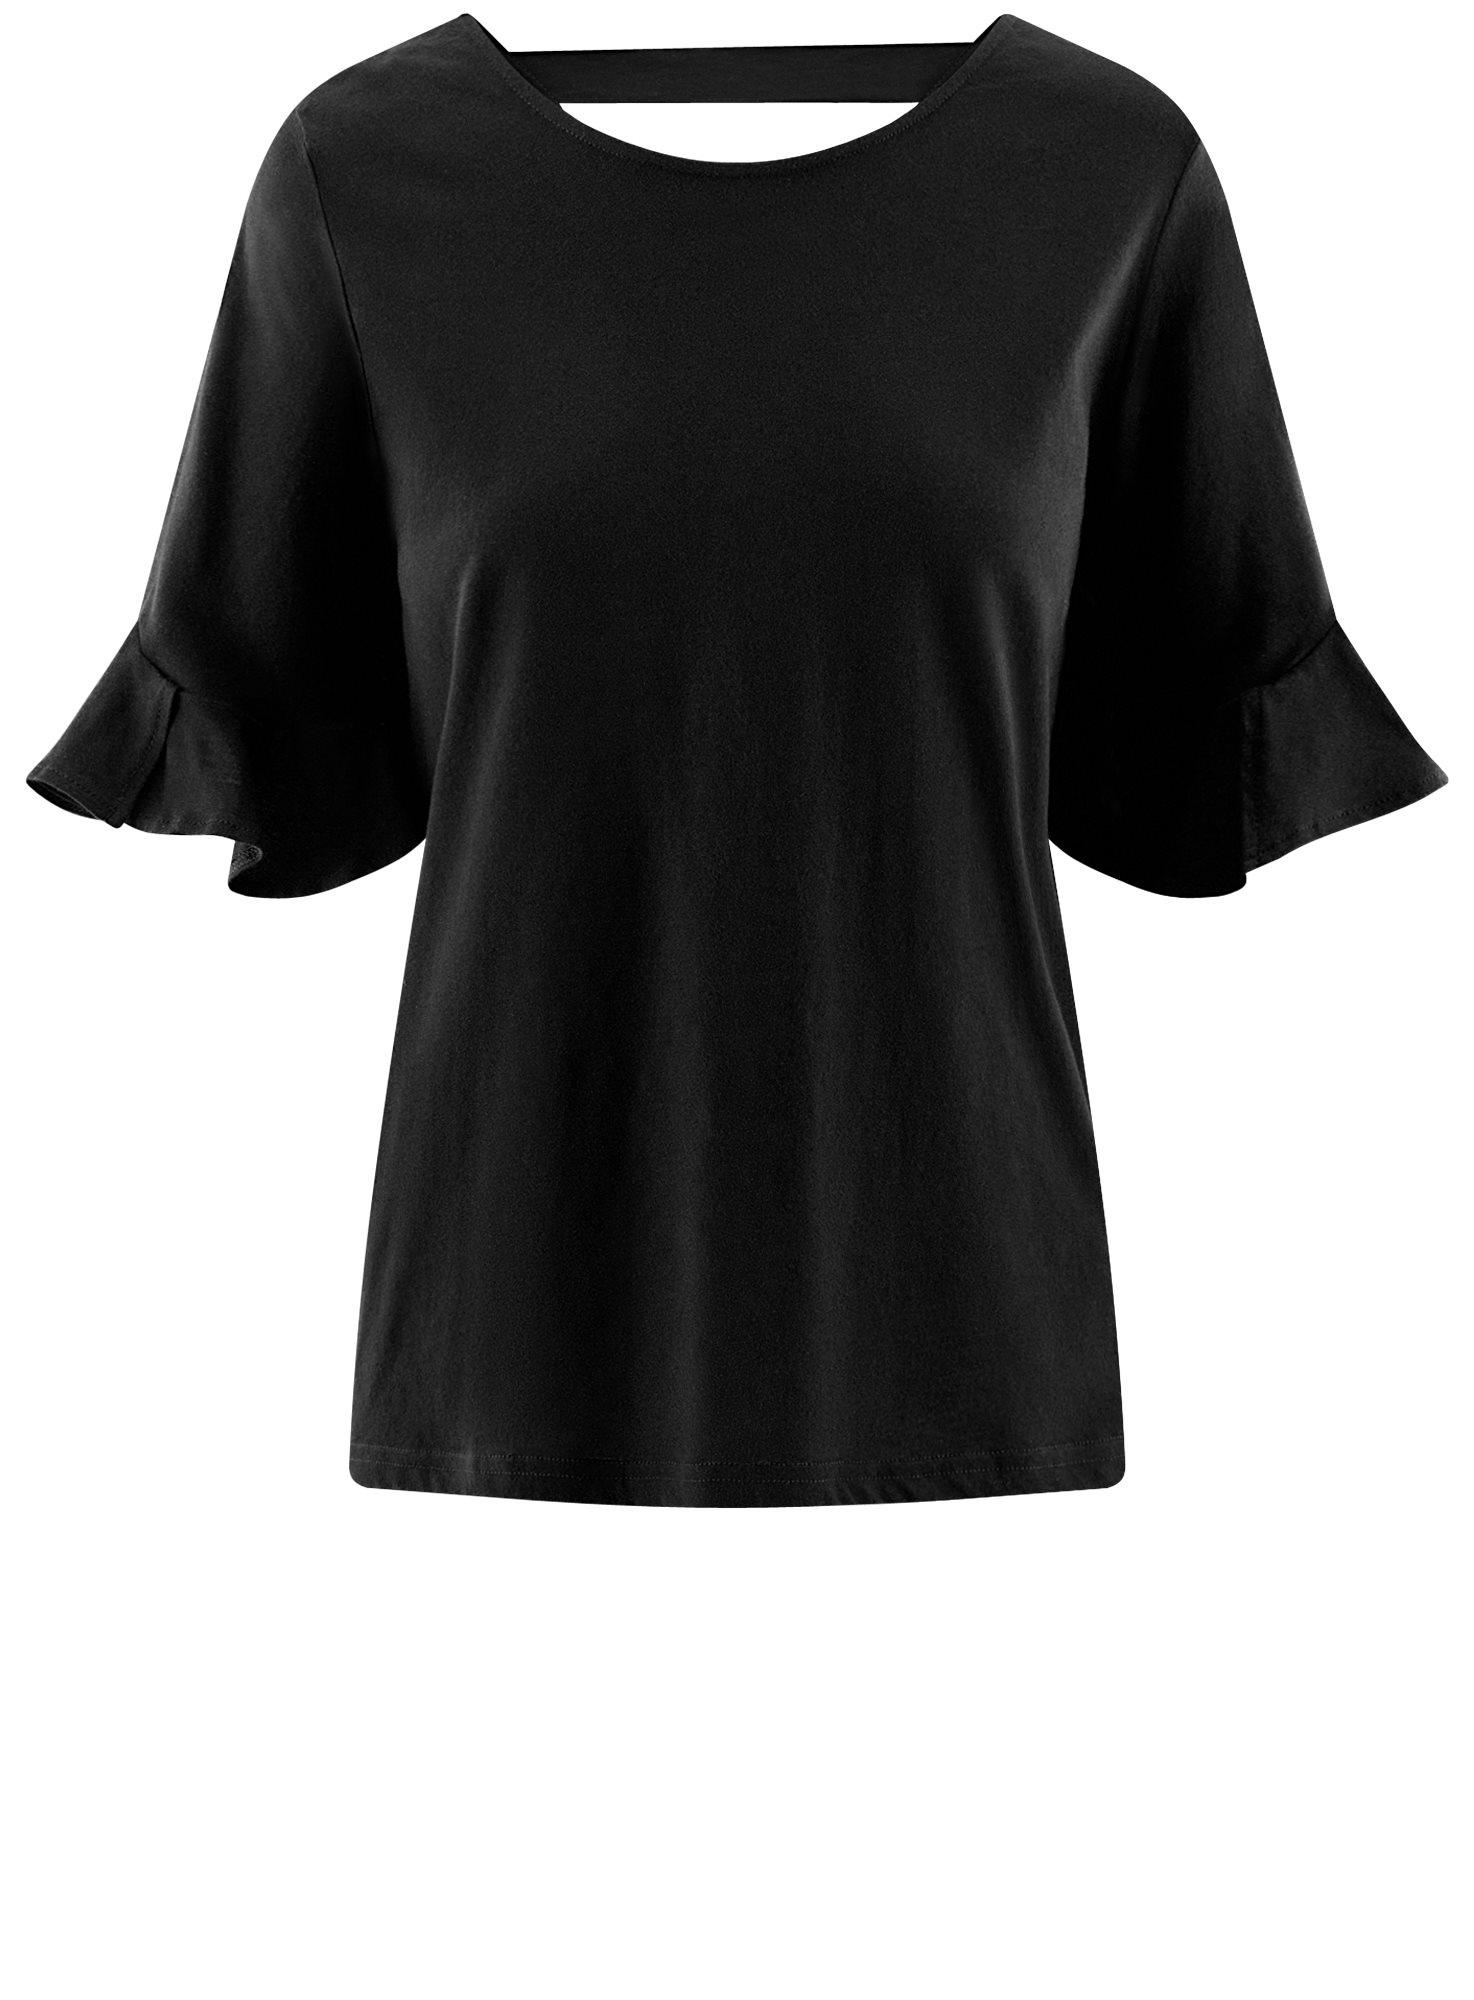 Футболка хлопковая с воланами на рукавах oodji для женщины (черный), 14201039B/48471/2900N